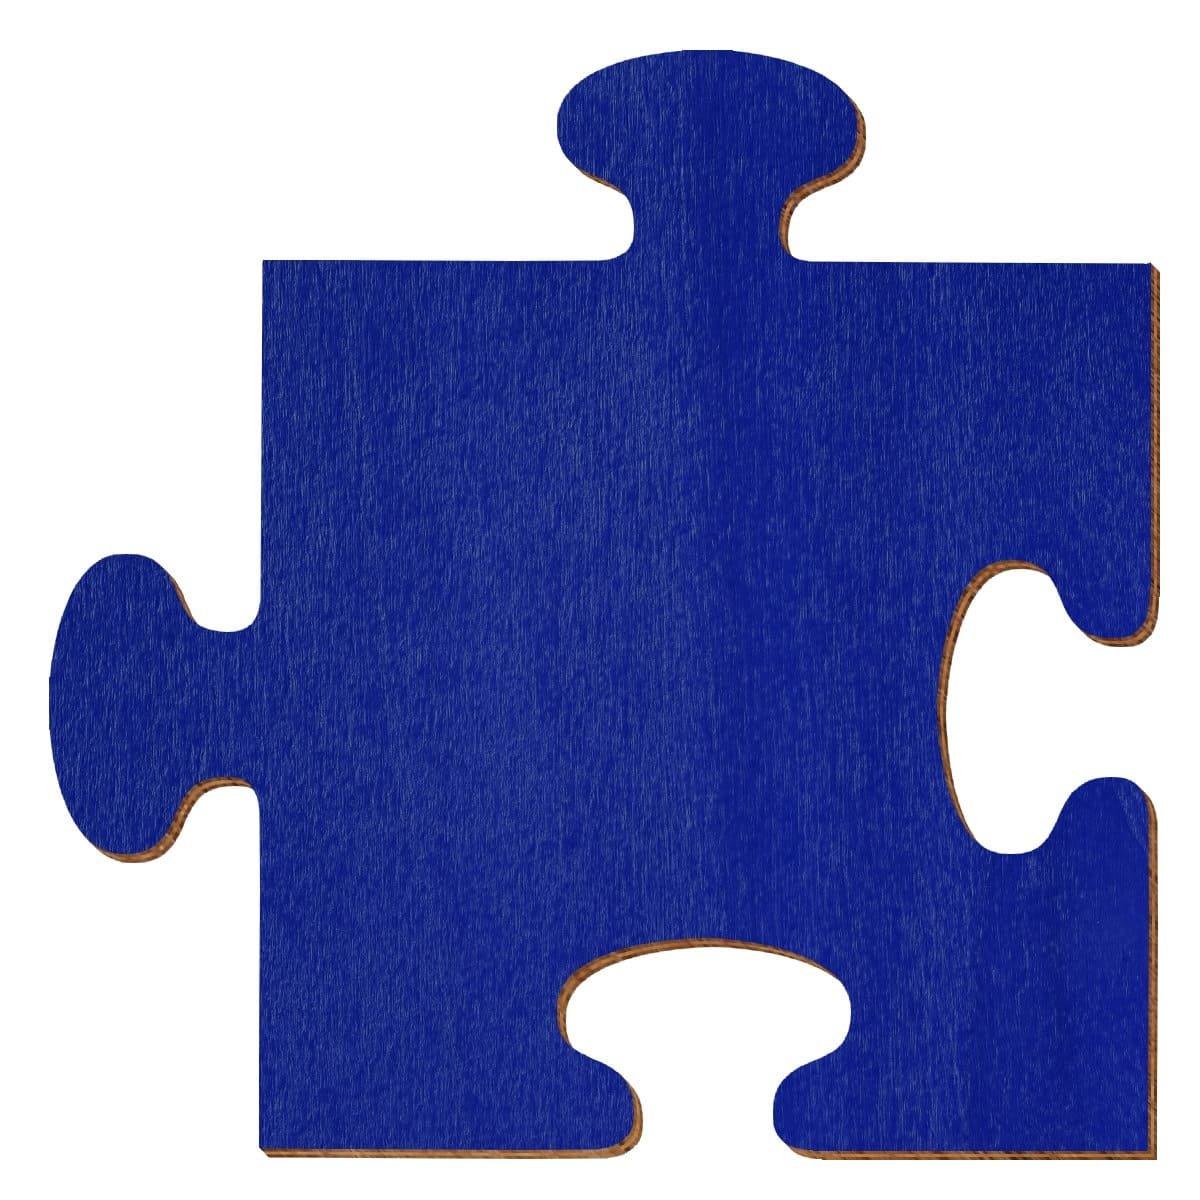 Bütic GmbH buetic compensato sbozzati Blu Scuro–Puzzle–Misura a Scelta–Pioppo 3mm, Compensato, 5 x 5cm